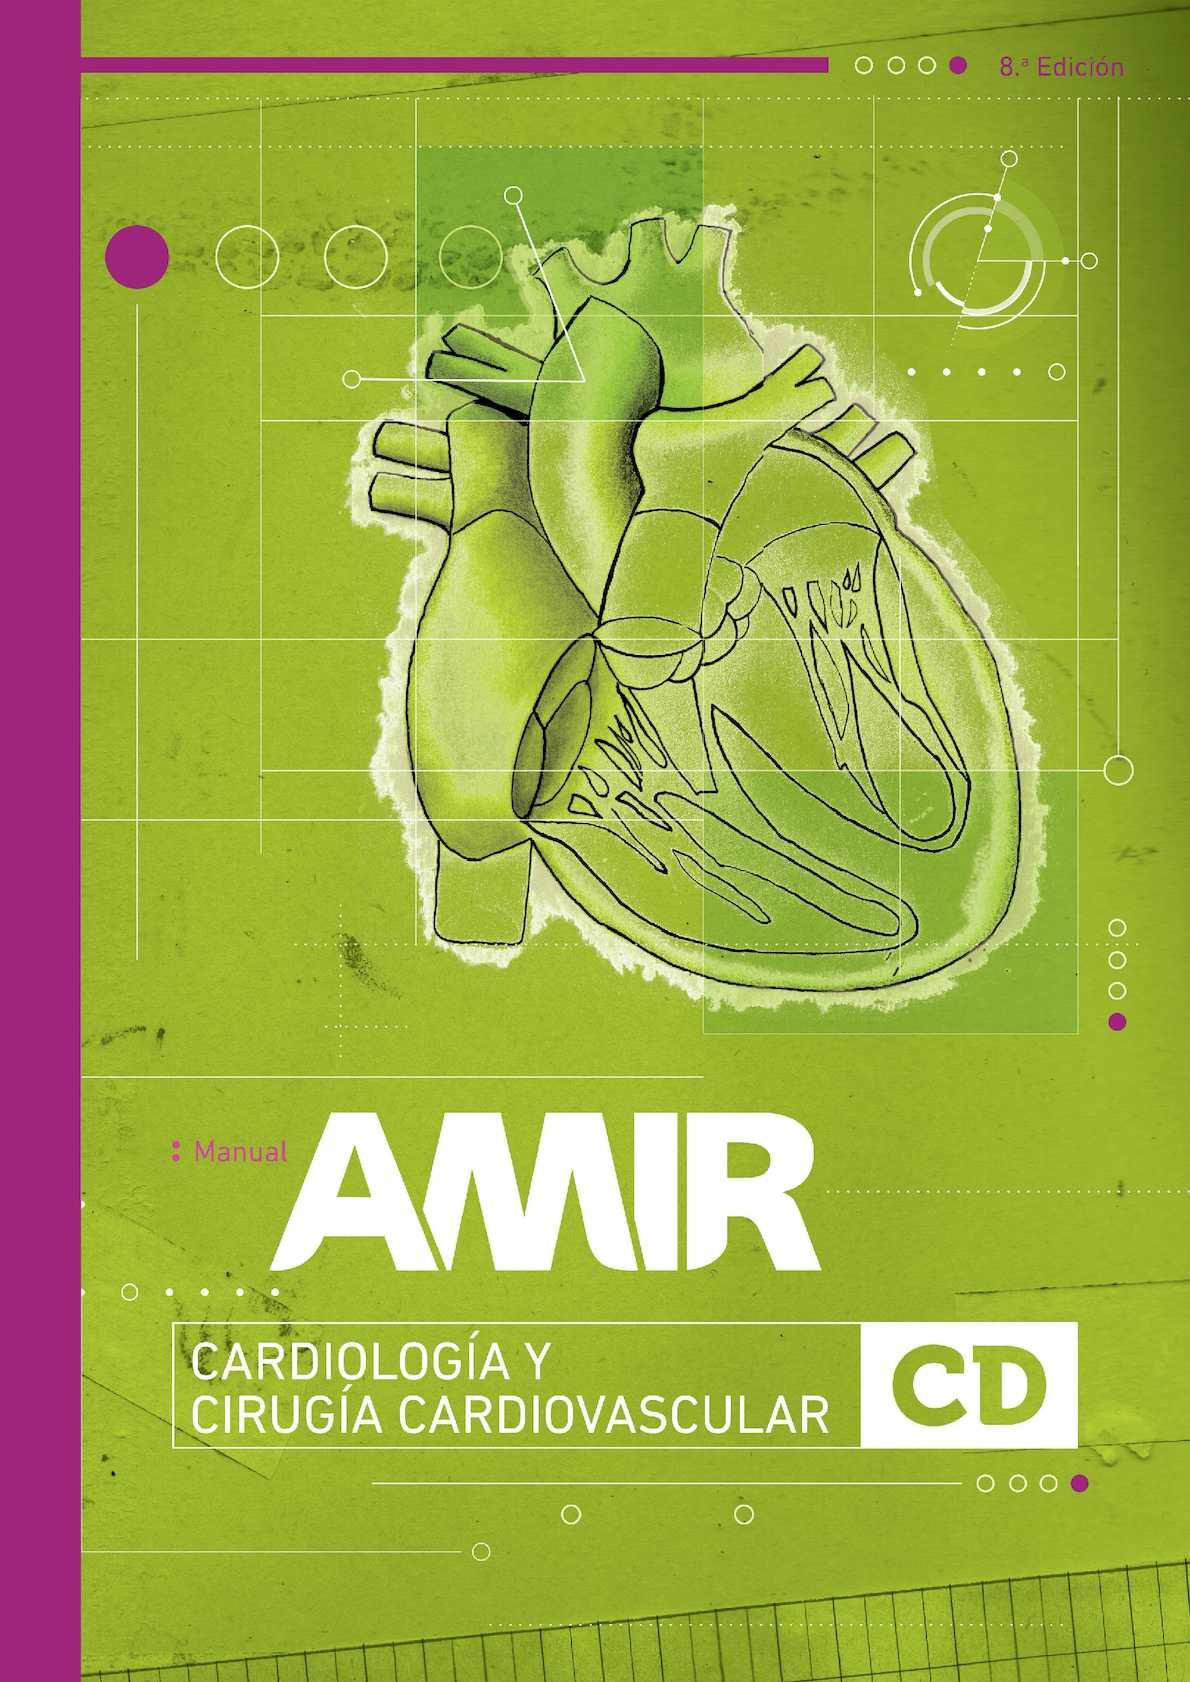 Calaméo - Manuales AMIR 8.ª Edición